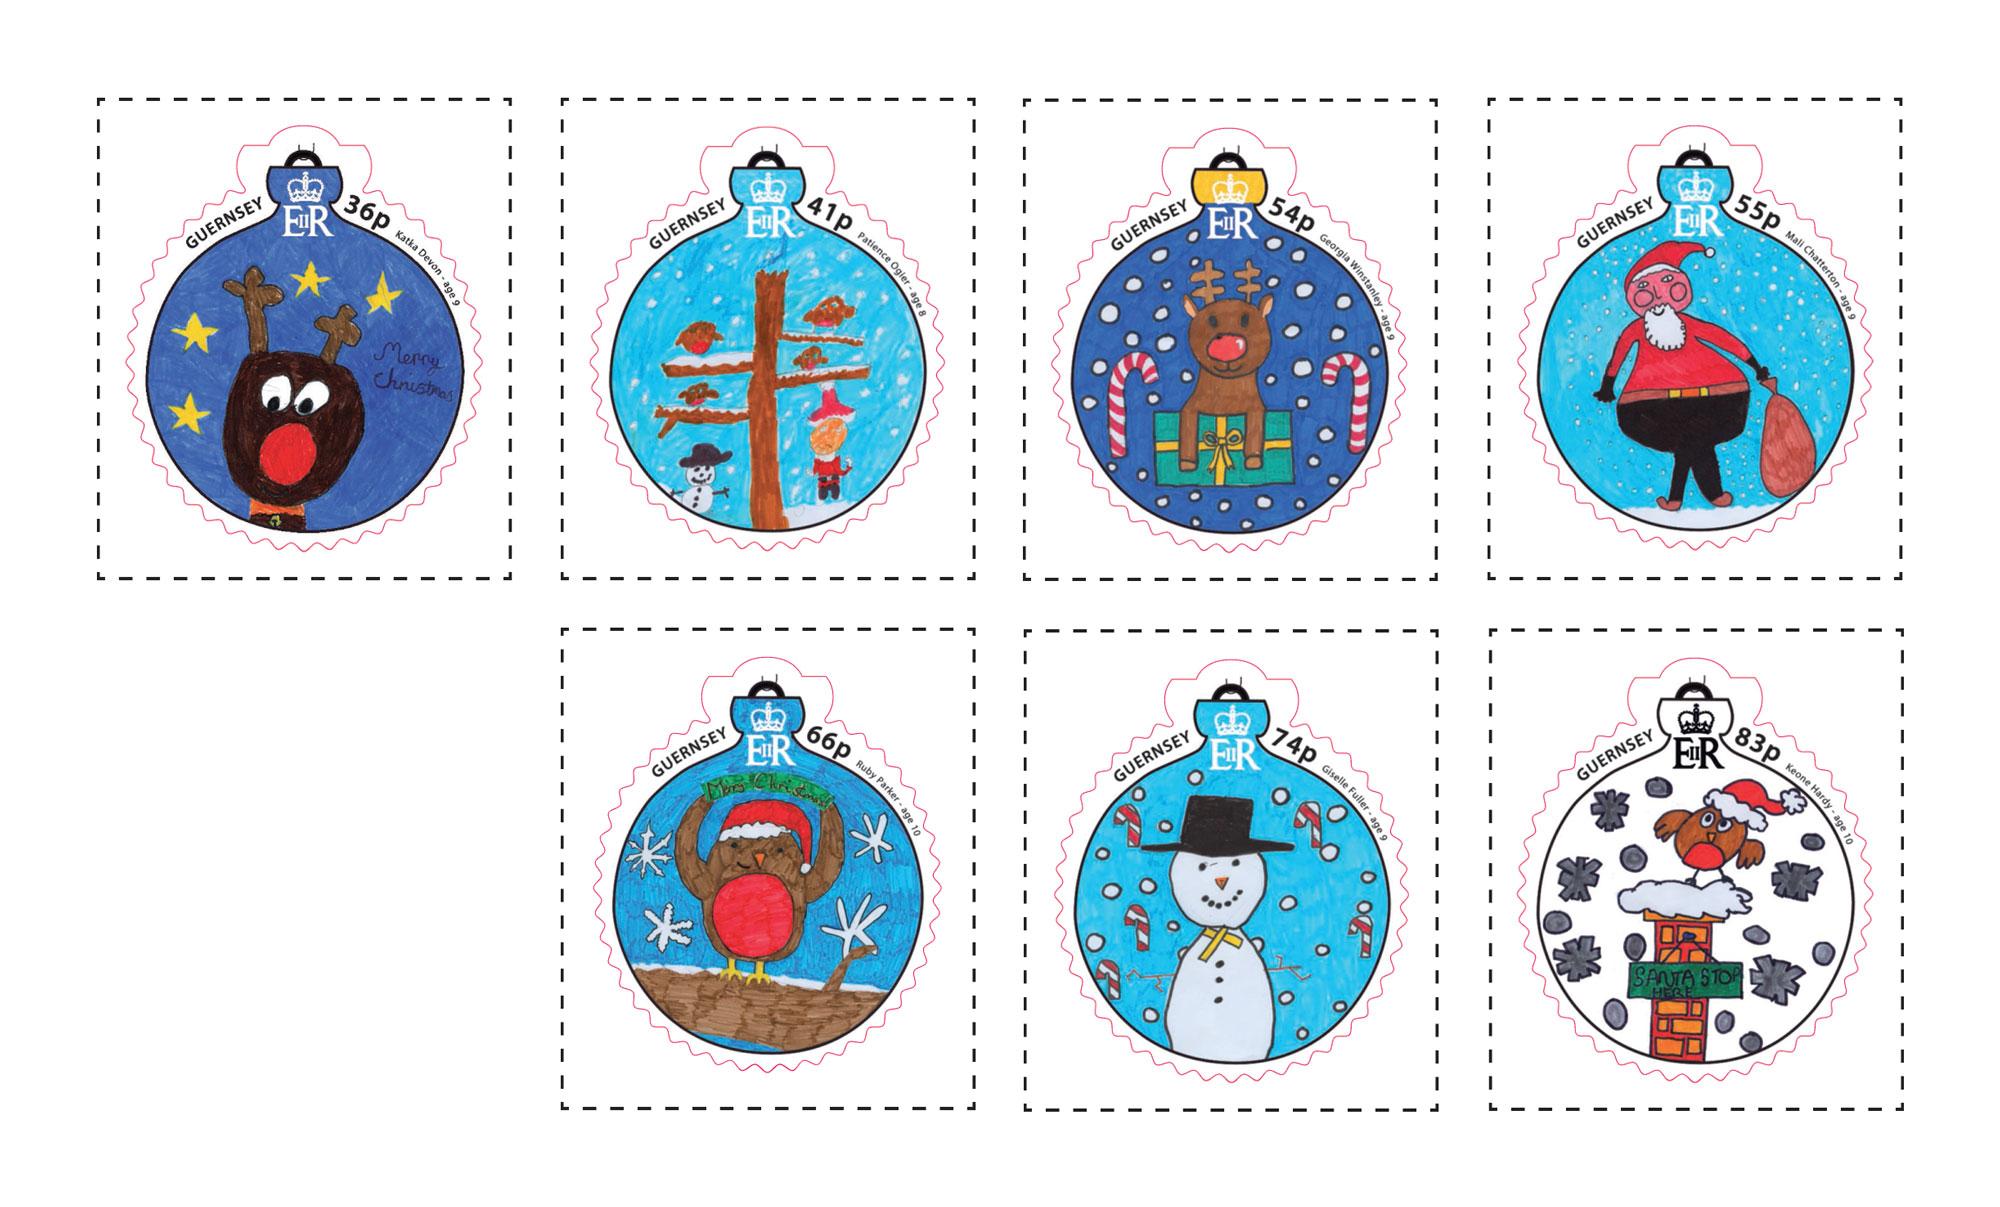 格恩济2014圣诞节儿童画可爱圣诞树挂饰灯泡形异形不干胶邮票7全(大图